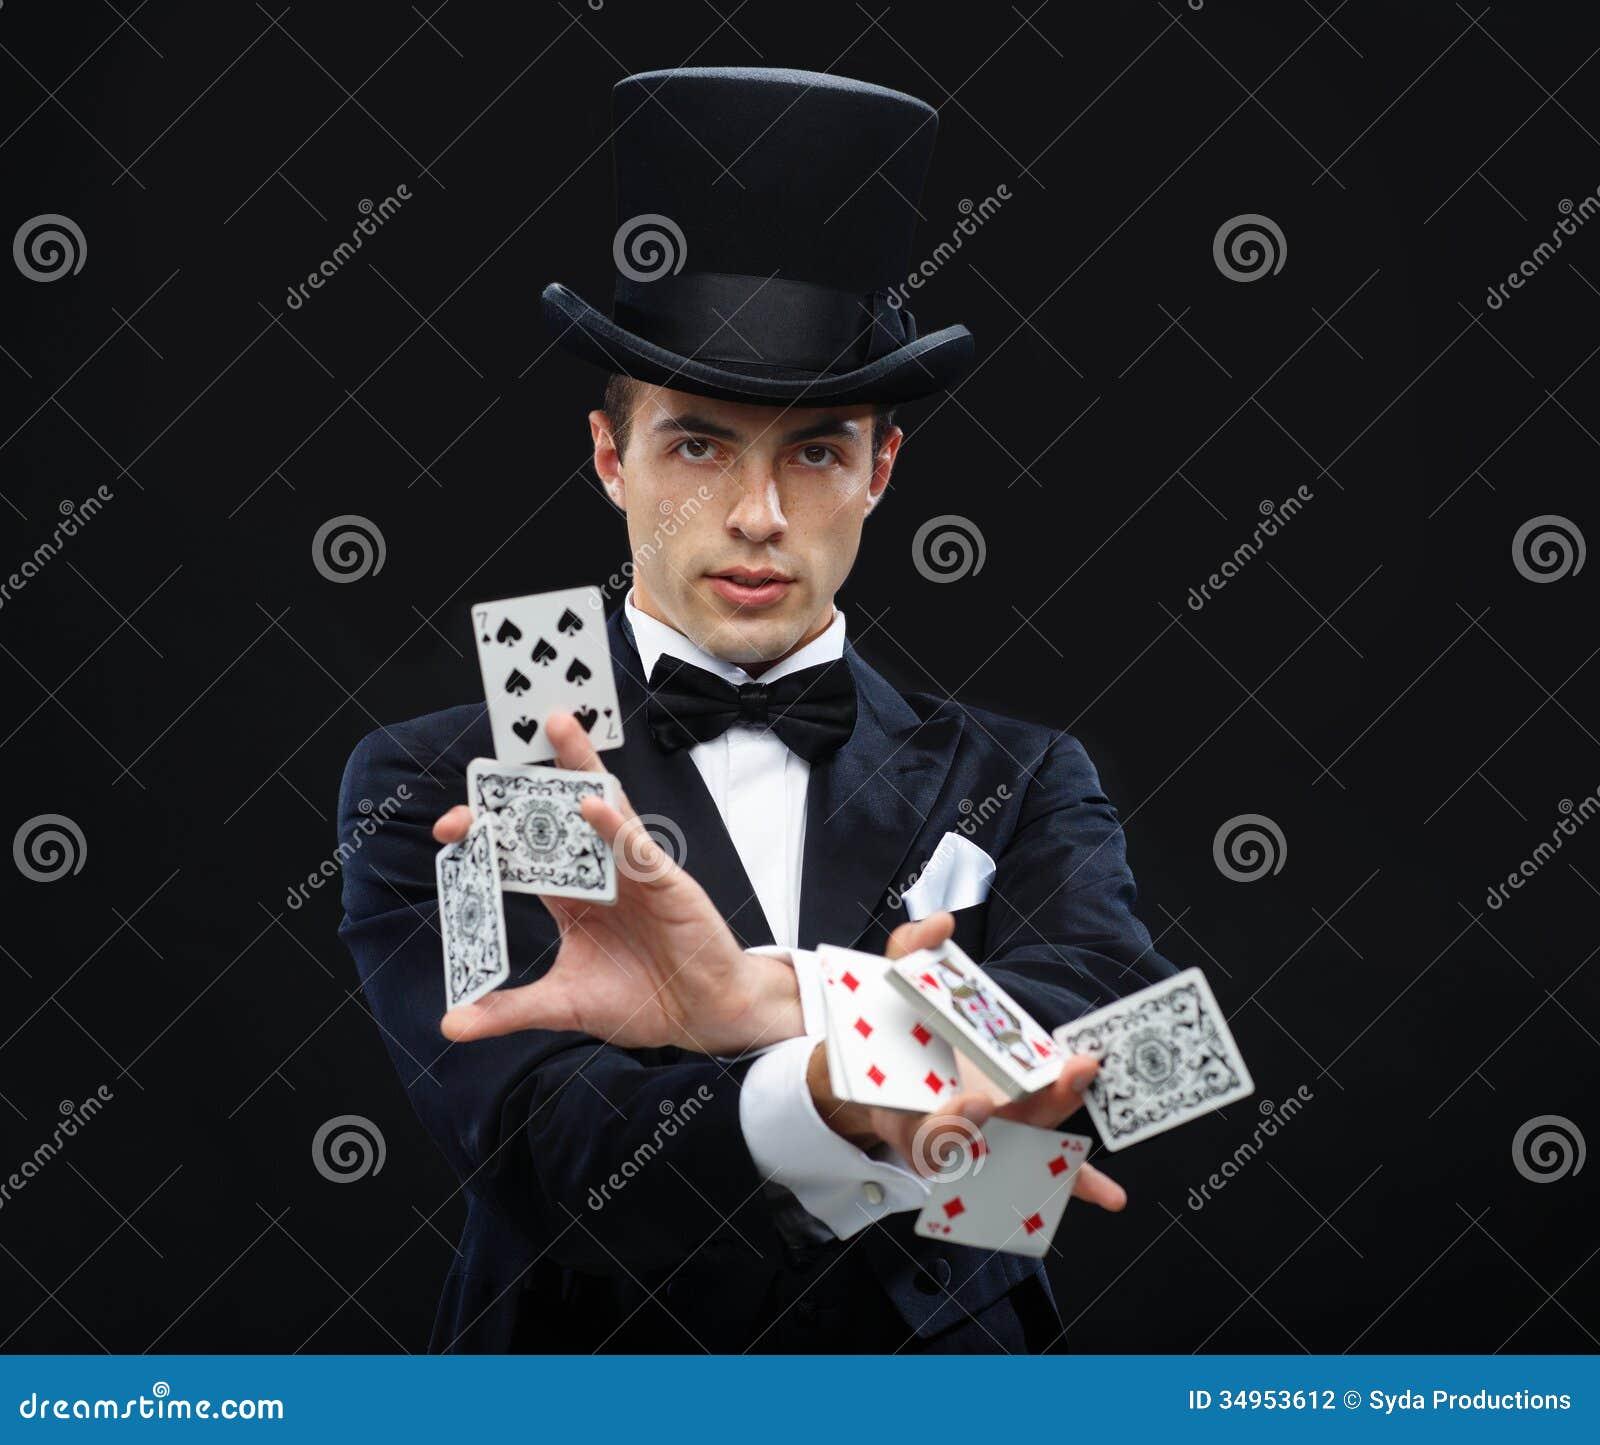 smoke free casinos minnesota